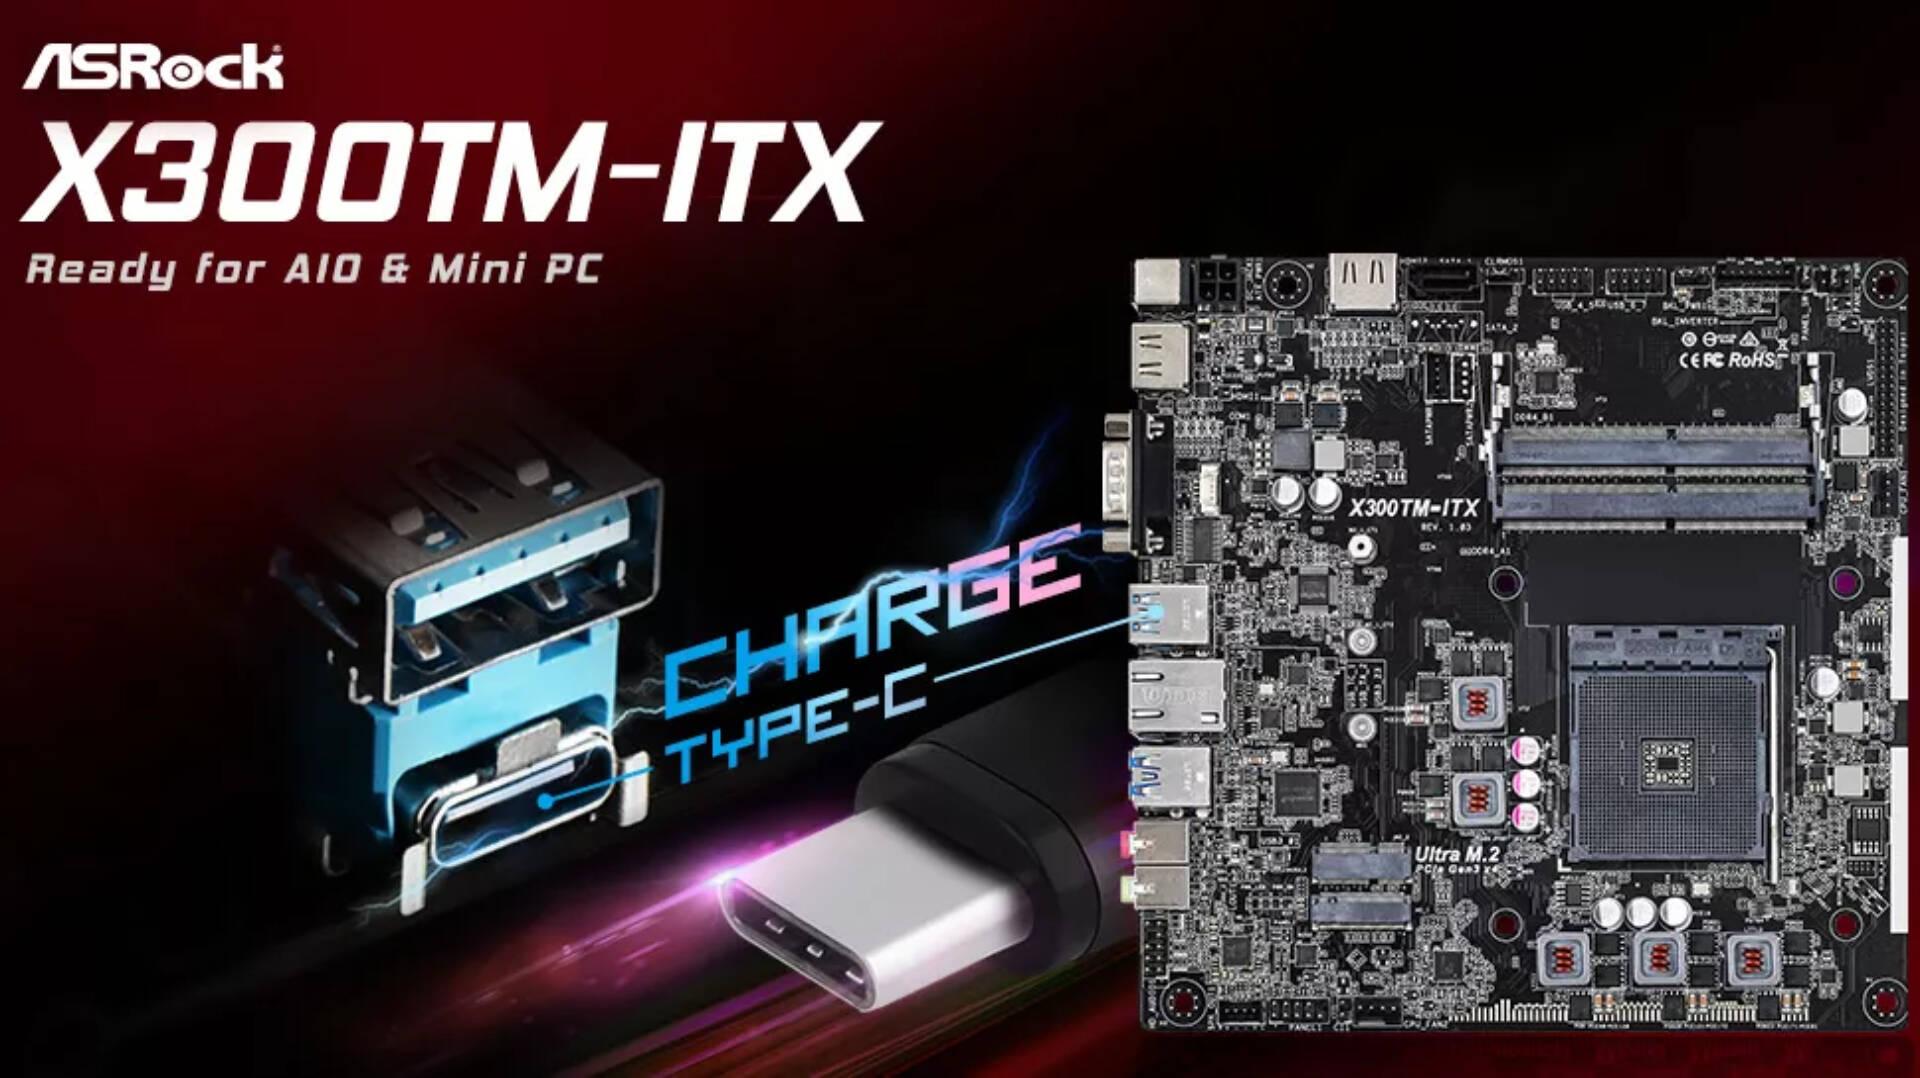 AMD AM4 X300TM-ITX